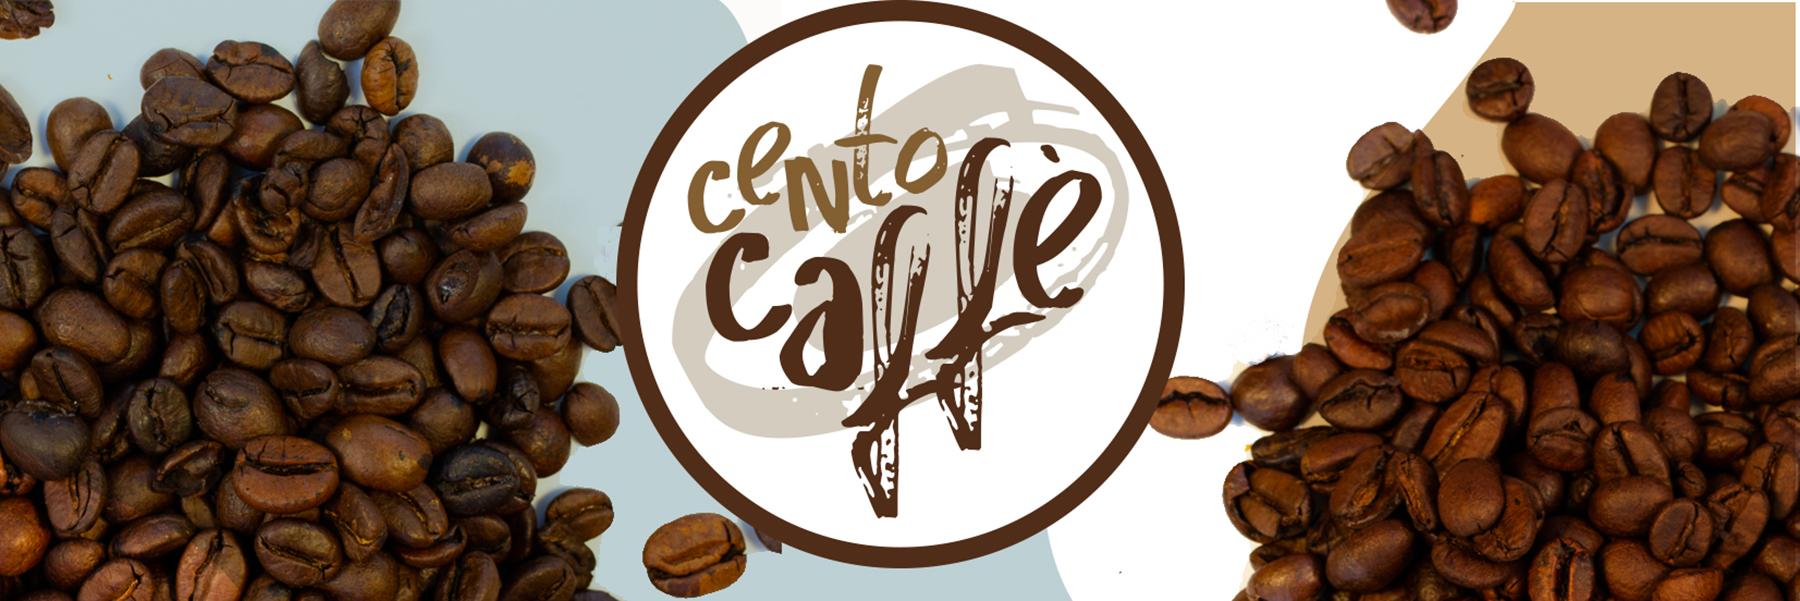 banner centocaffe